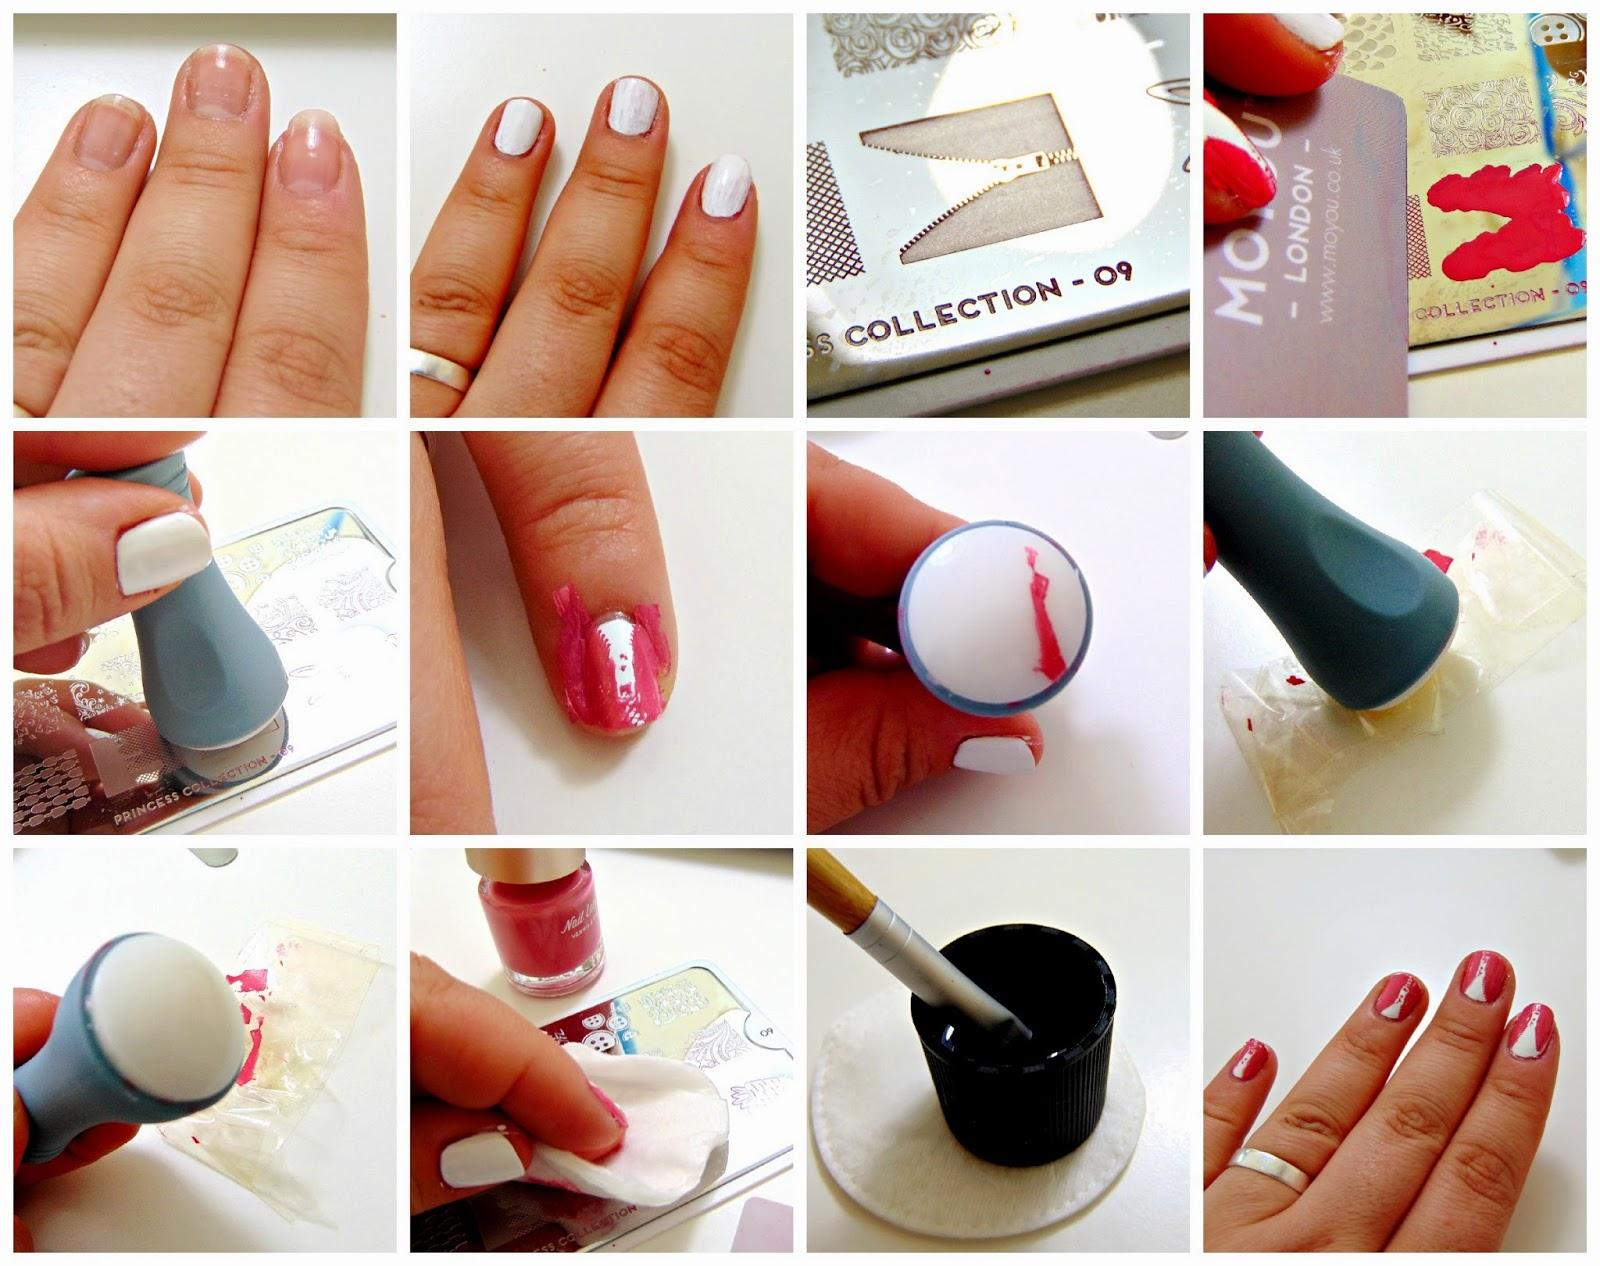 Monday Mani Zipper Nail Stamping With Moyou Chocolate Lipstick